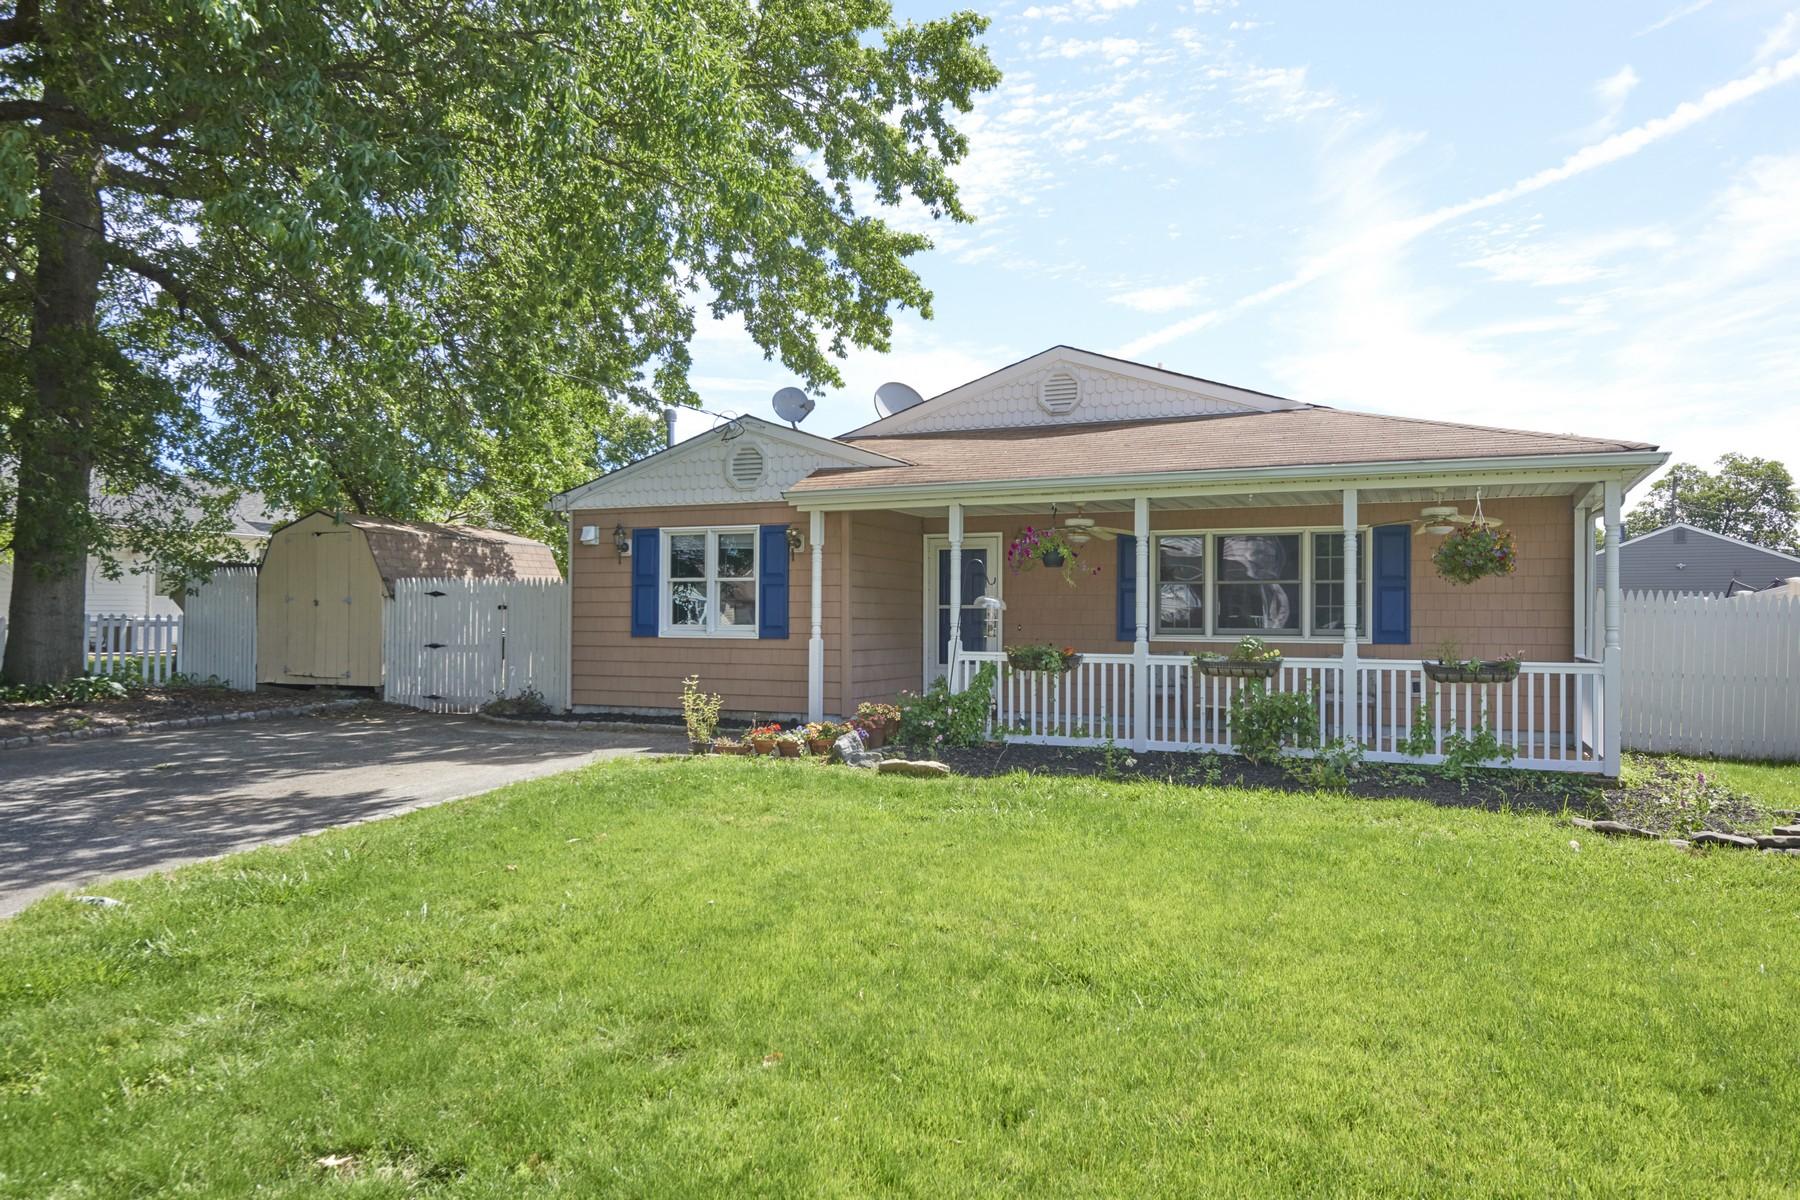 Single Family Homes pour l Vente à 112 Shoreland Ter, North Middletown 112 Shoreland Ter, North Middletown, New Jersey 07748 États-Unis